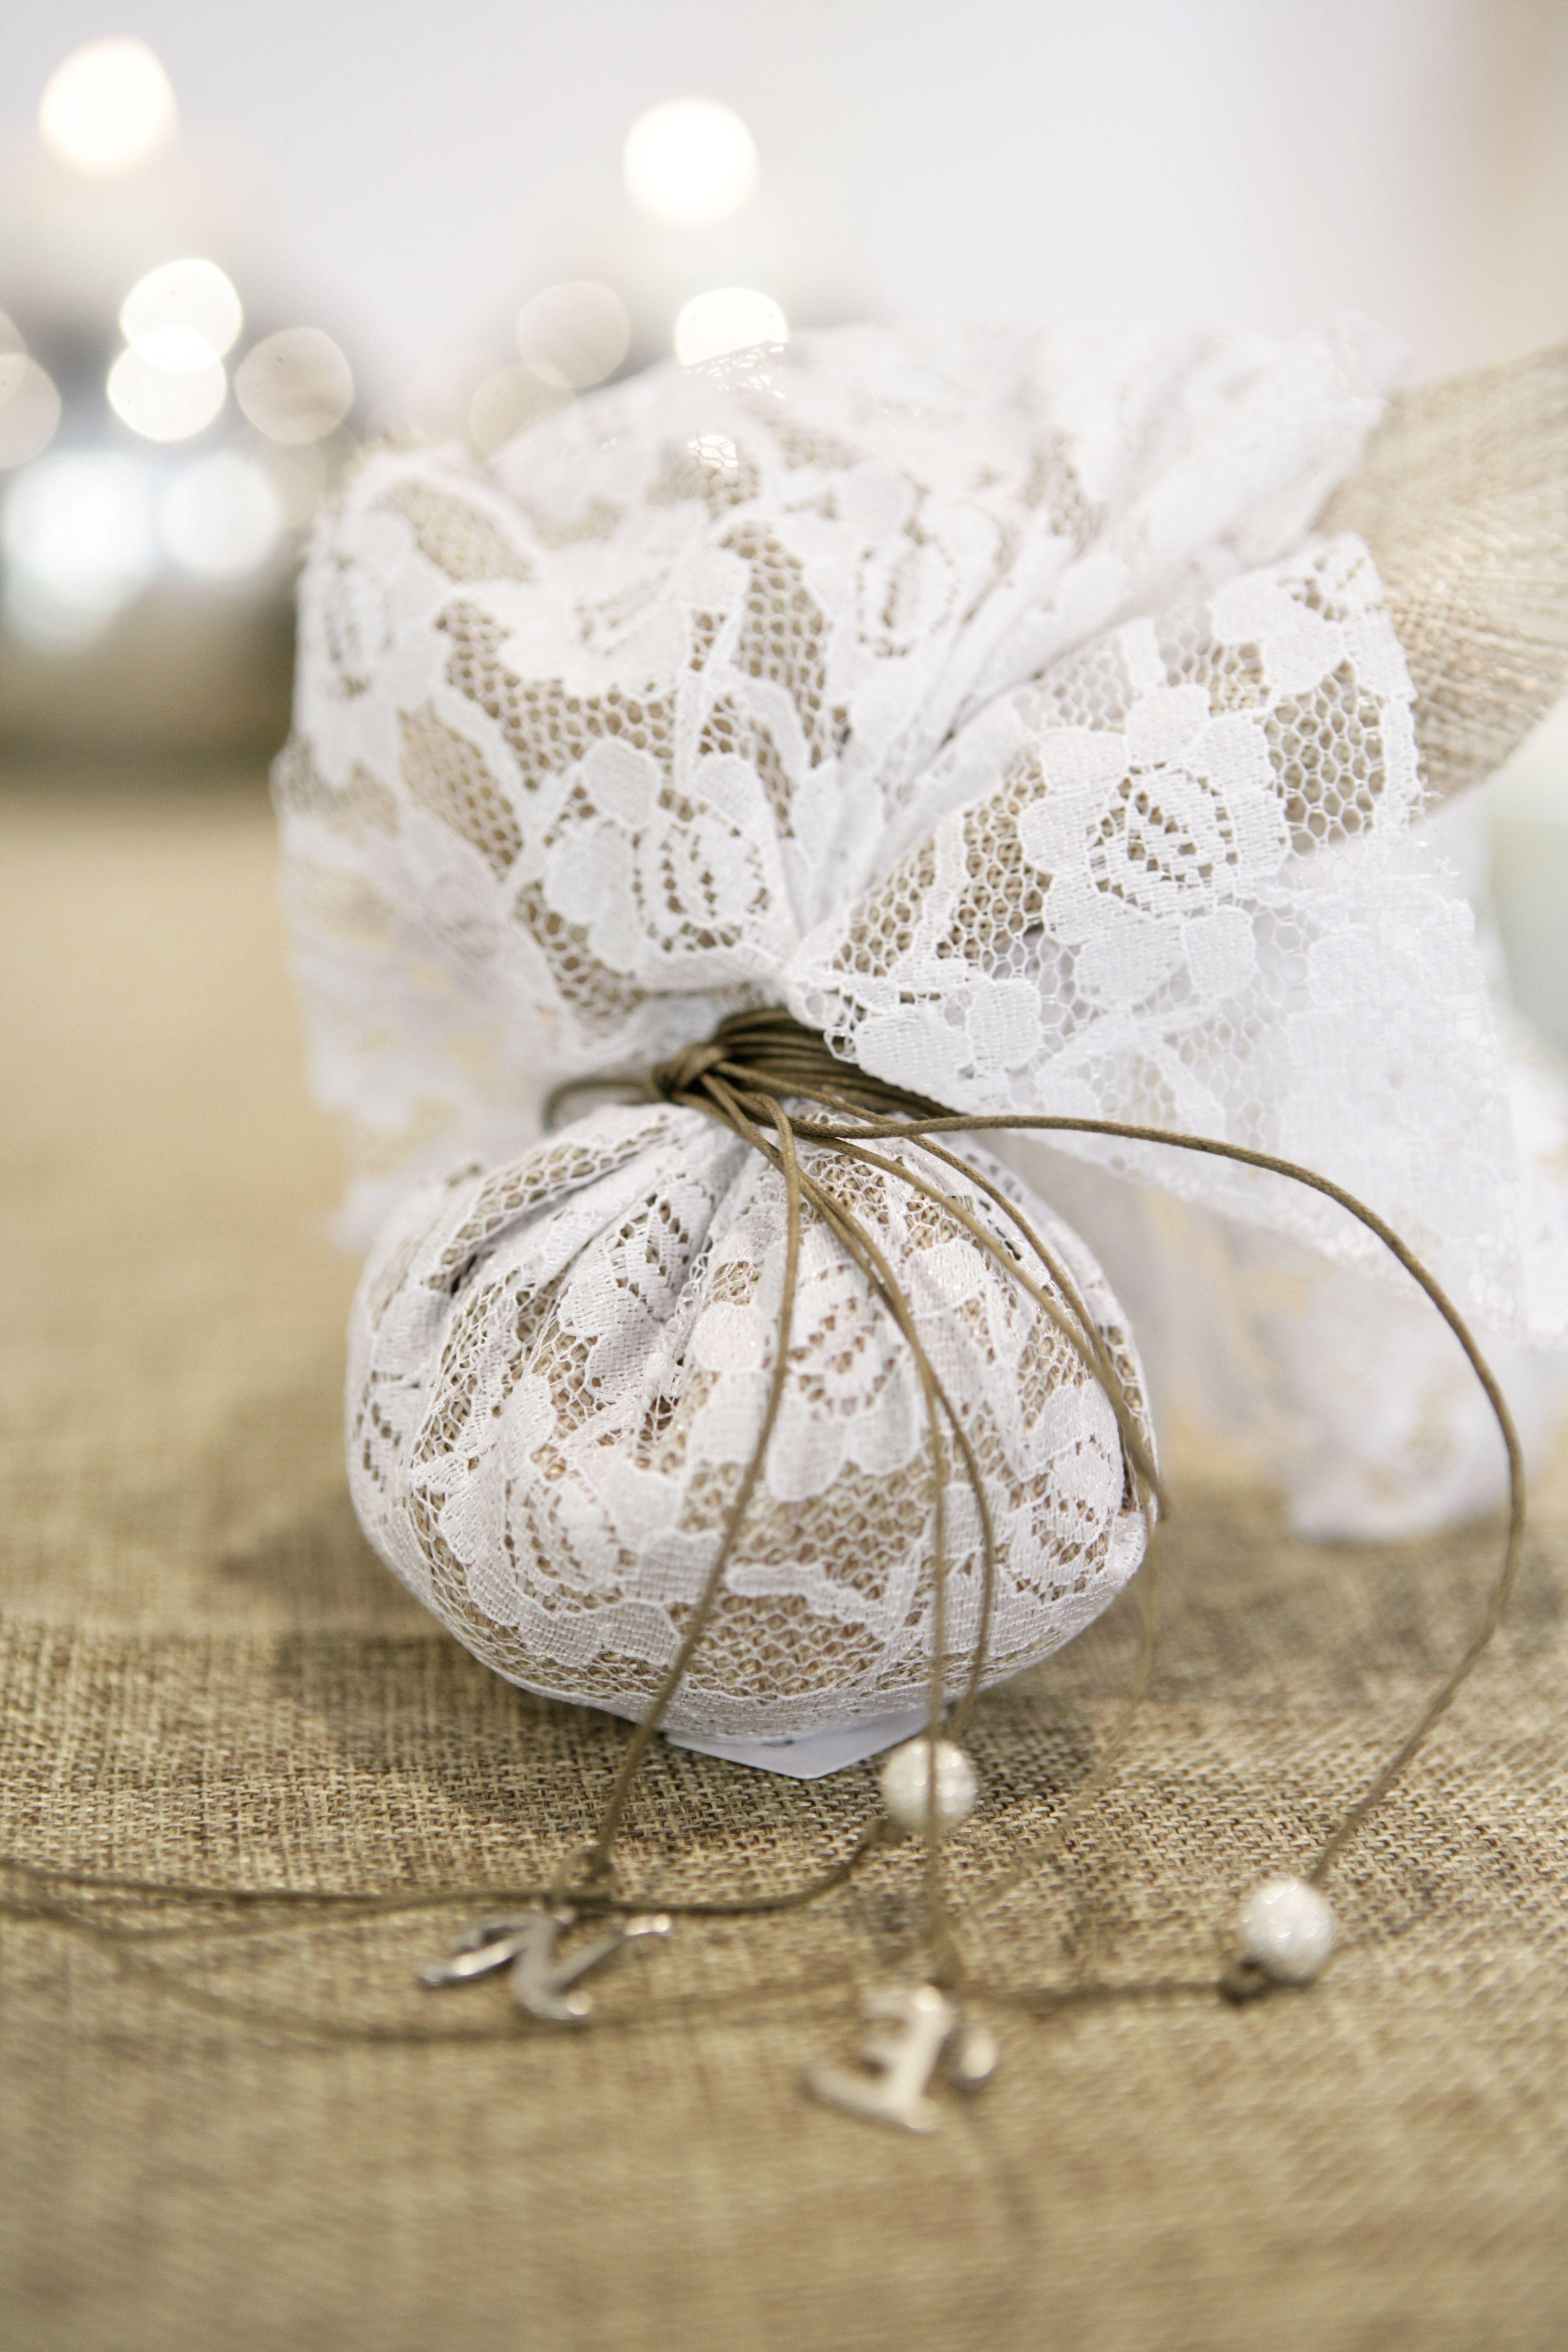 δαντελλα λευκη με λινατσα σε φυσικο χρωμα   favors   Pinterest ...